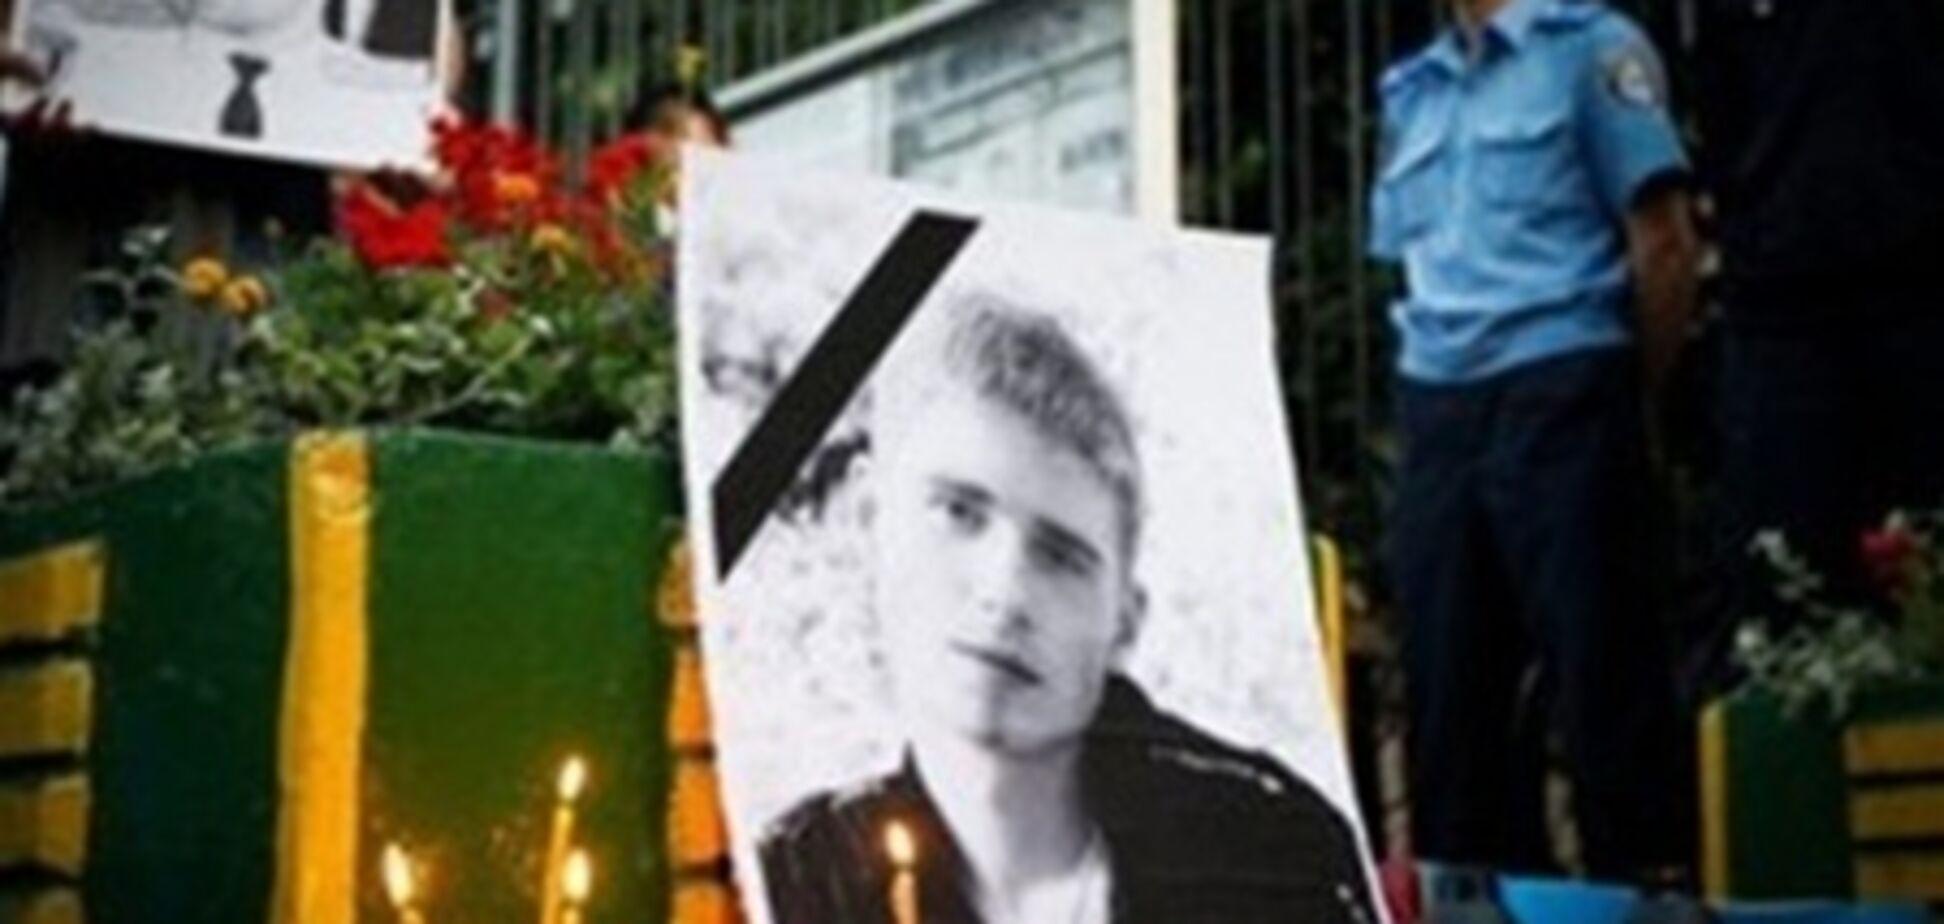 Міжнародні правозахисники вимагають нового розслідування смерті Індила